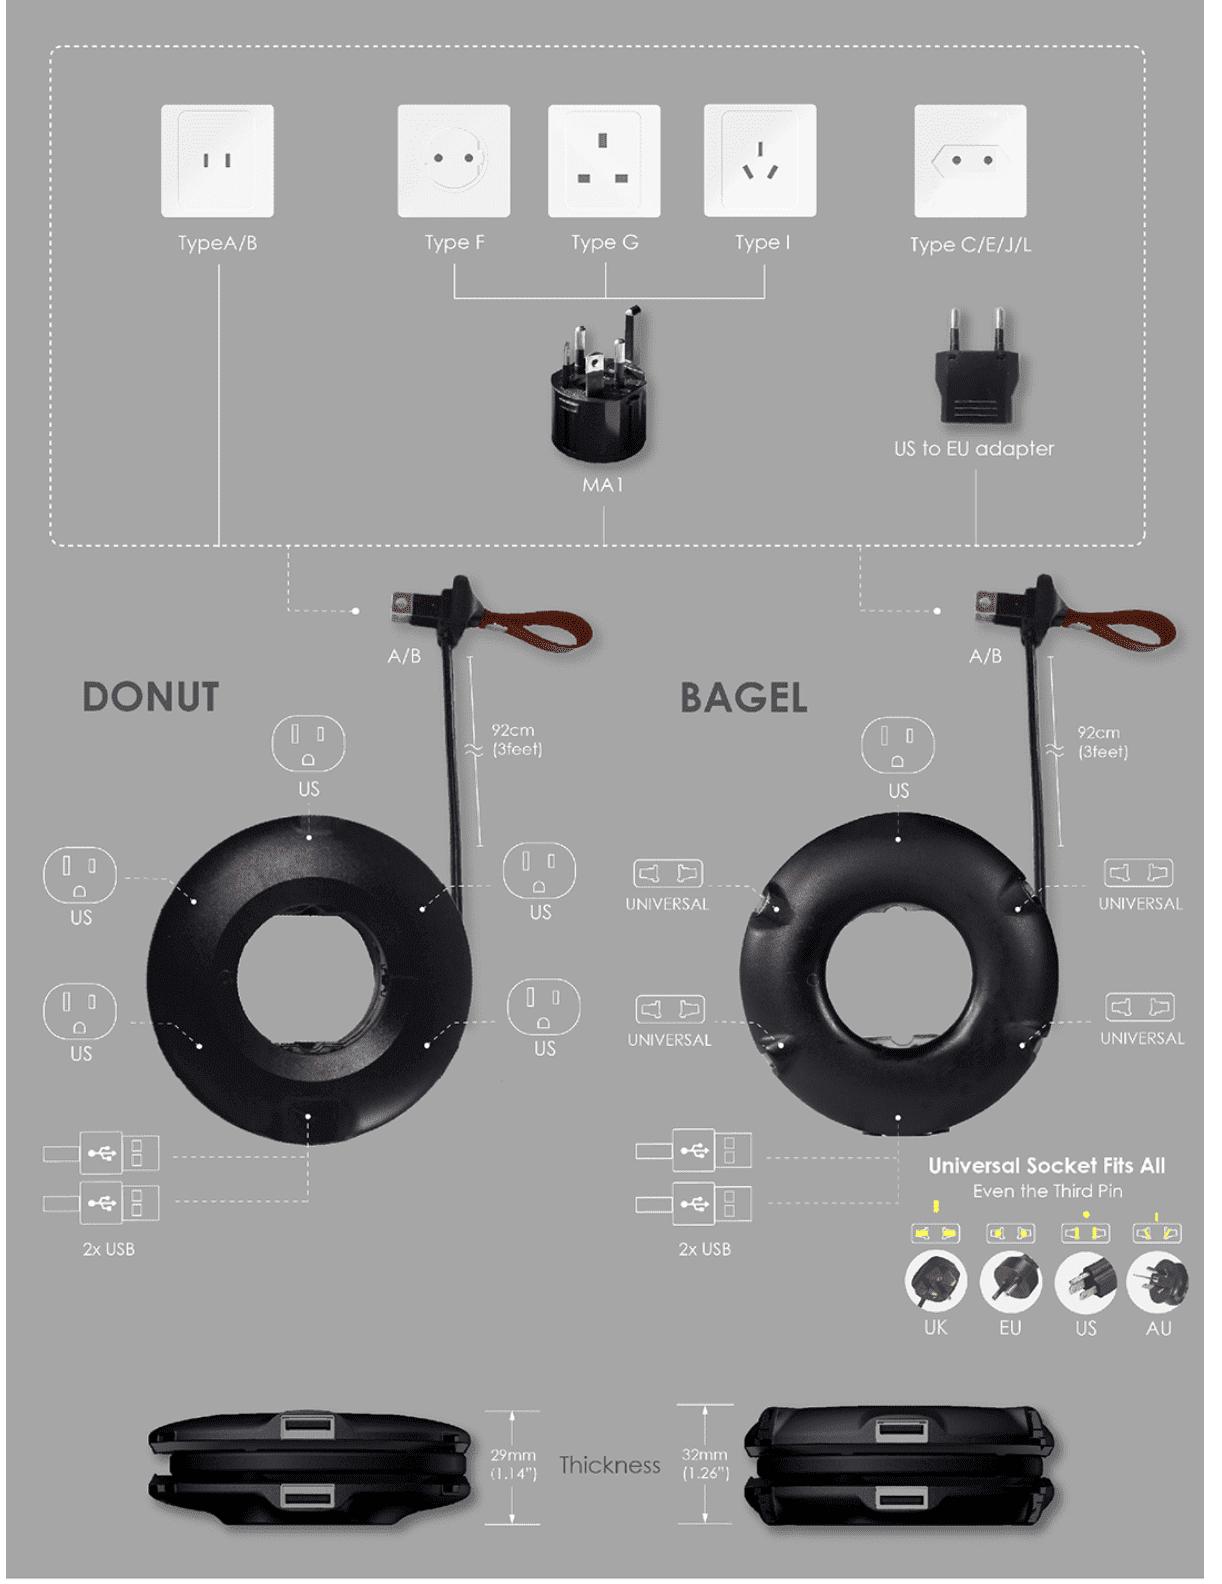 旅行充電器團購|MOGICS甜甜圈donut+貝果bagel不同規格,同時開團,帶著一起飛向世界各地吧!